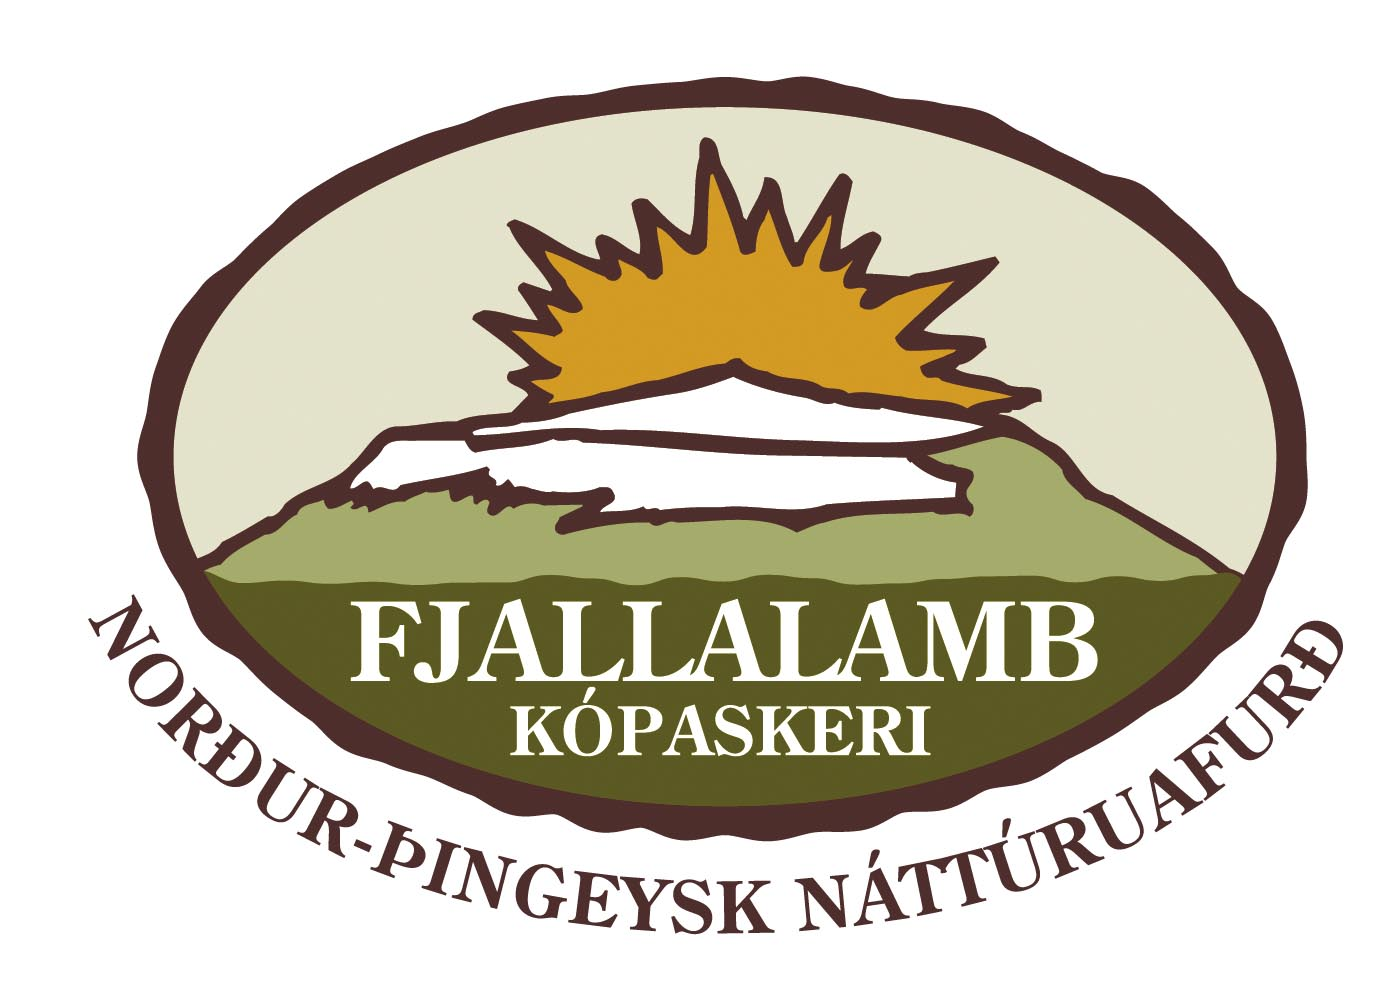 Fjallalamb logo